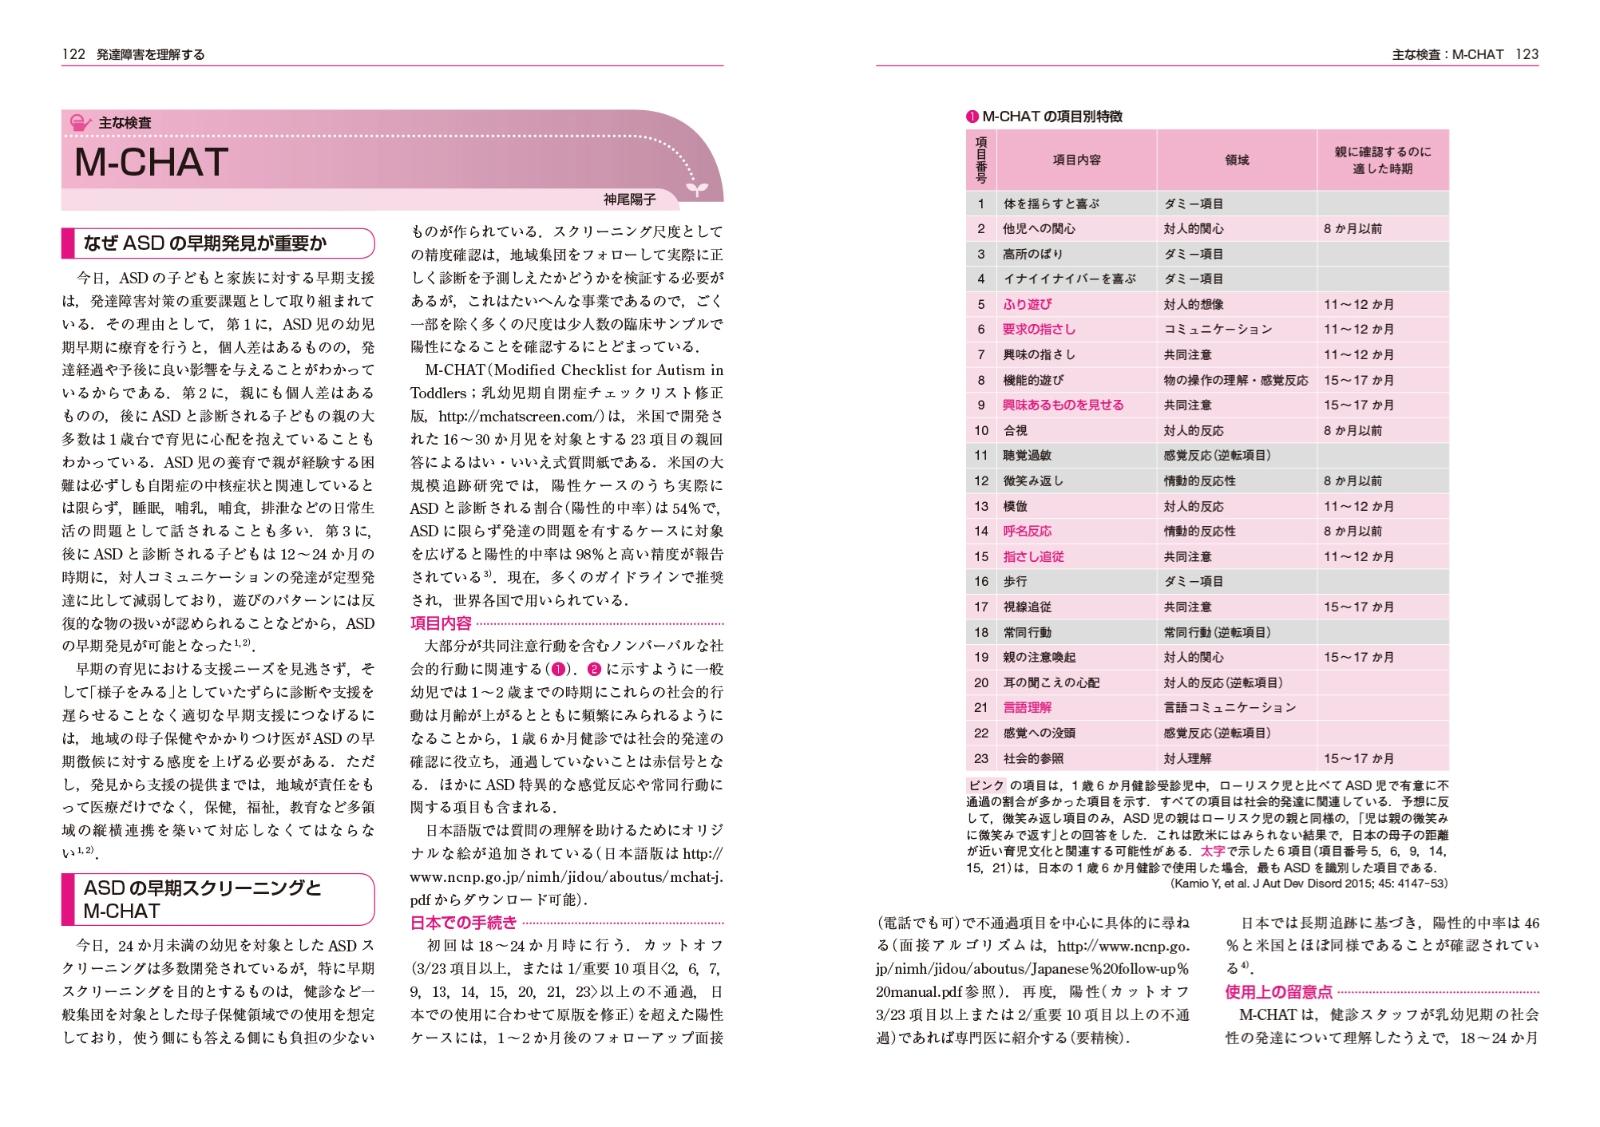 楽天ブックス: データで読み解く発達障害 - 平岩 幹男 - 9784521743714 ...